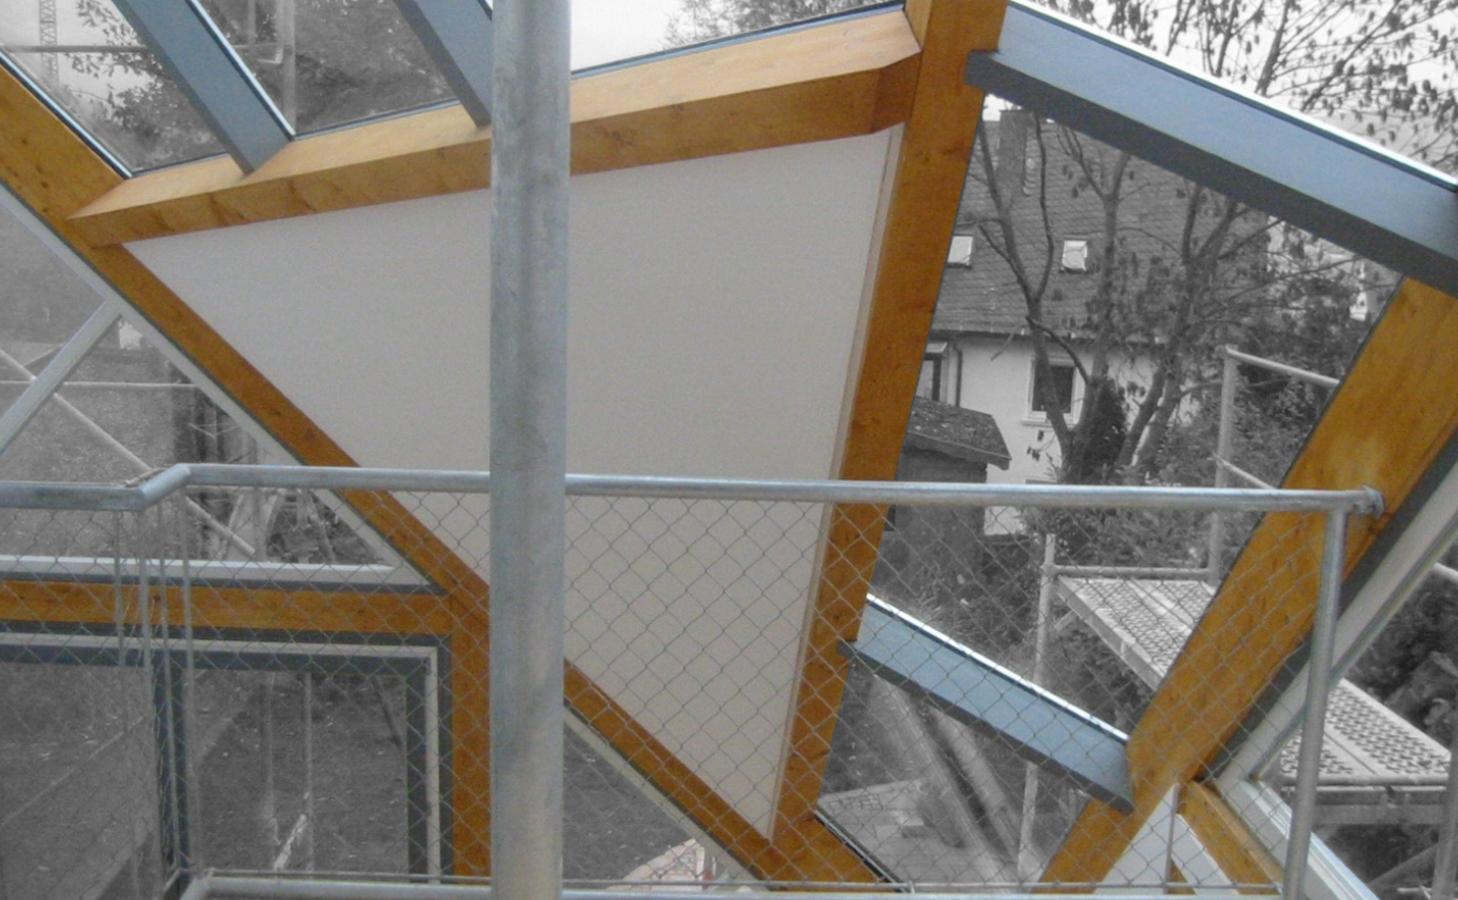 projektplus architekt architekturb ero in siegen bauplanung bauleitung denkmalschutz. Black Bedroom Furniture Sets. Home Design Ideas